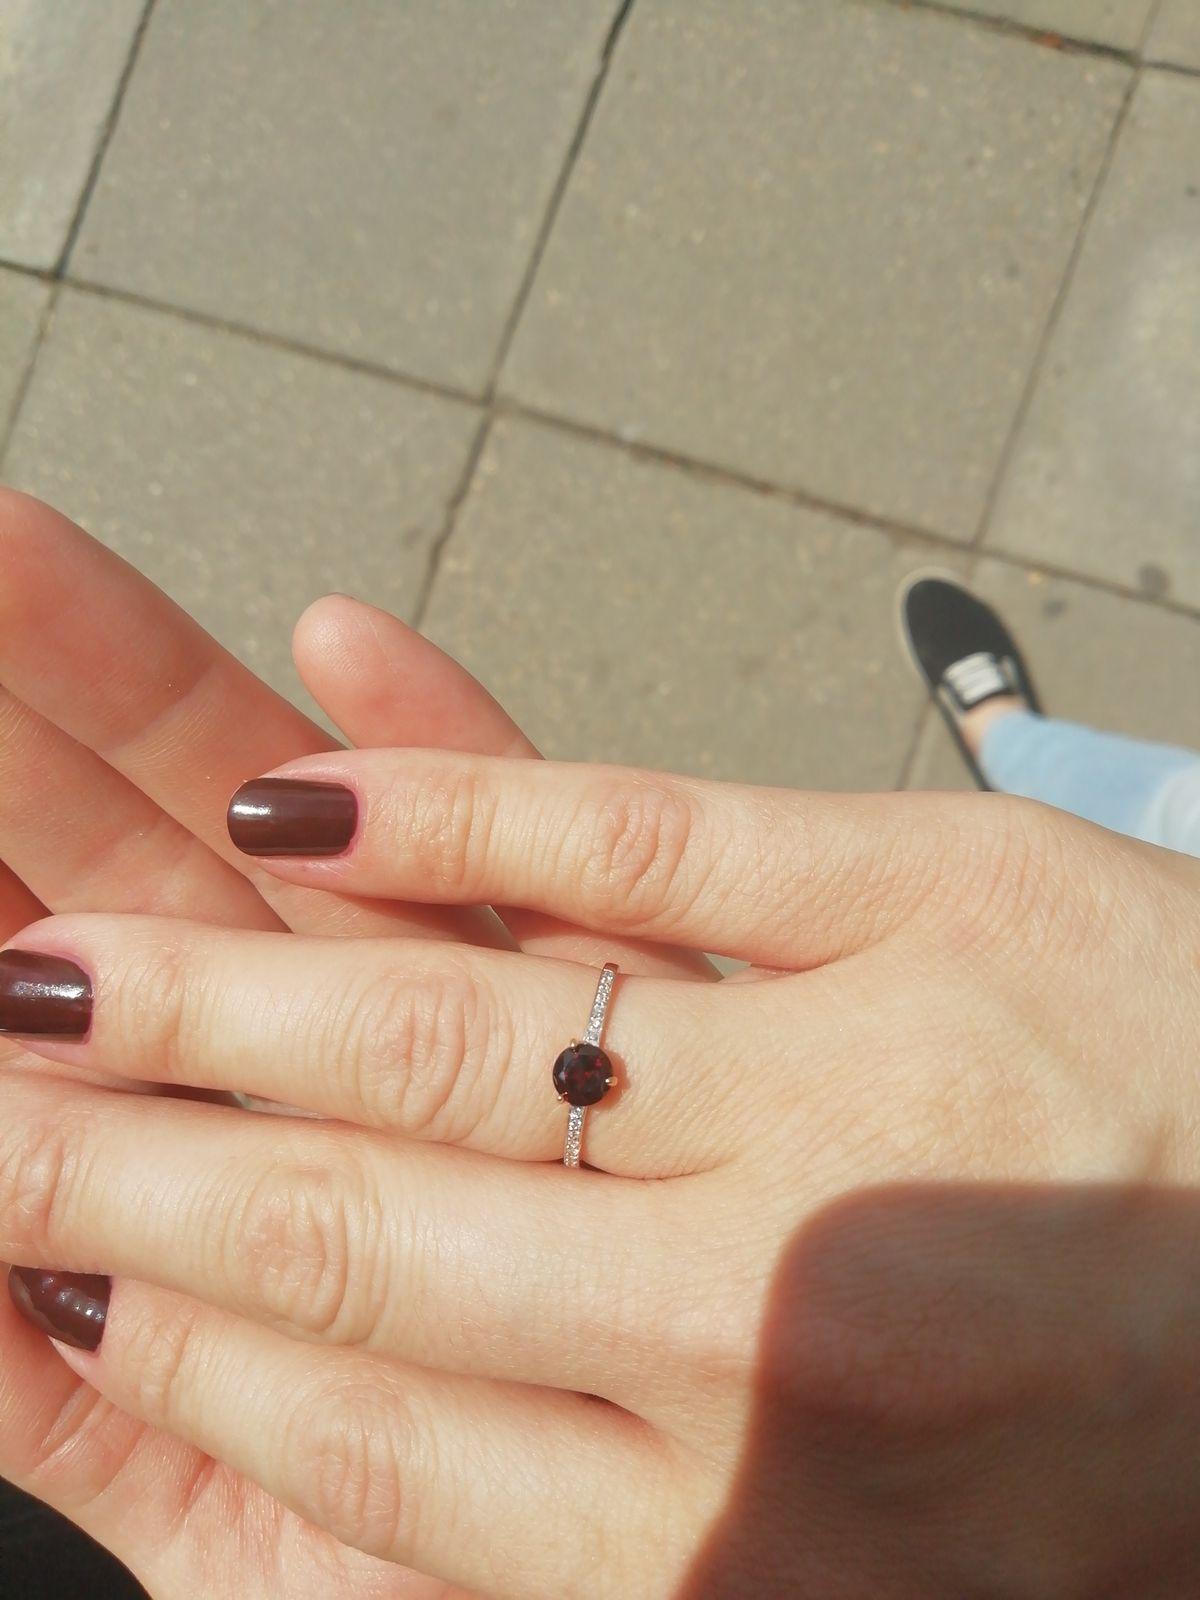 Красивое, аккуратное кольцо.